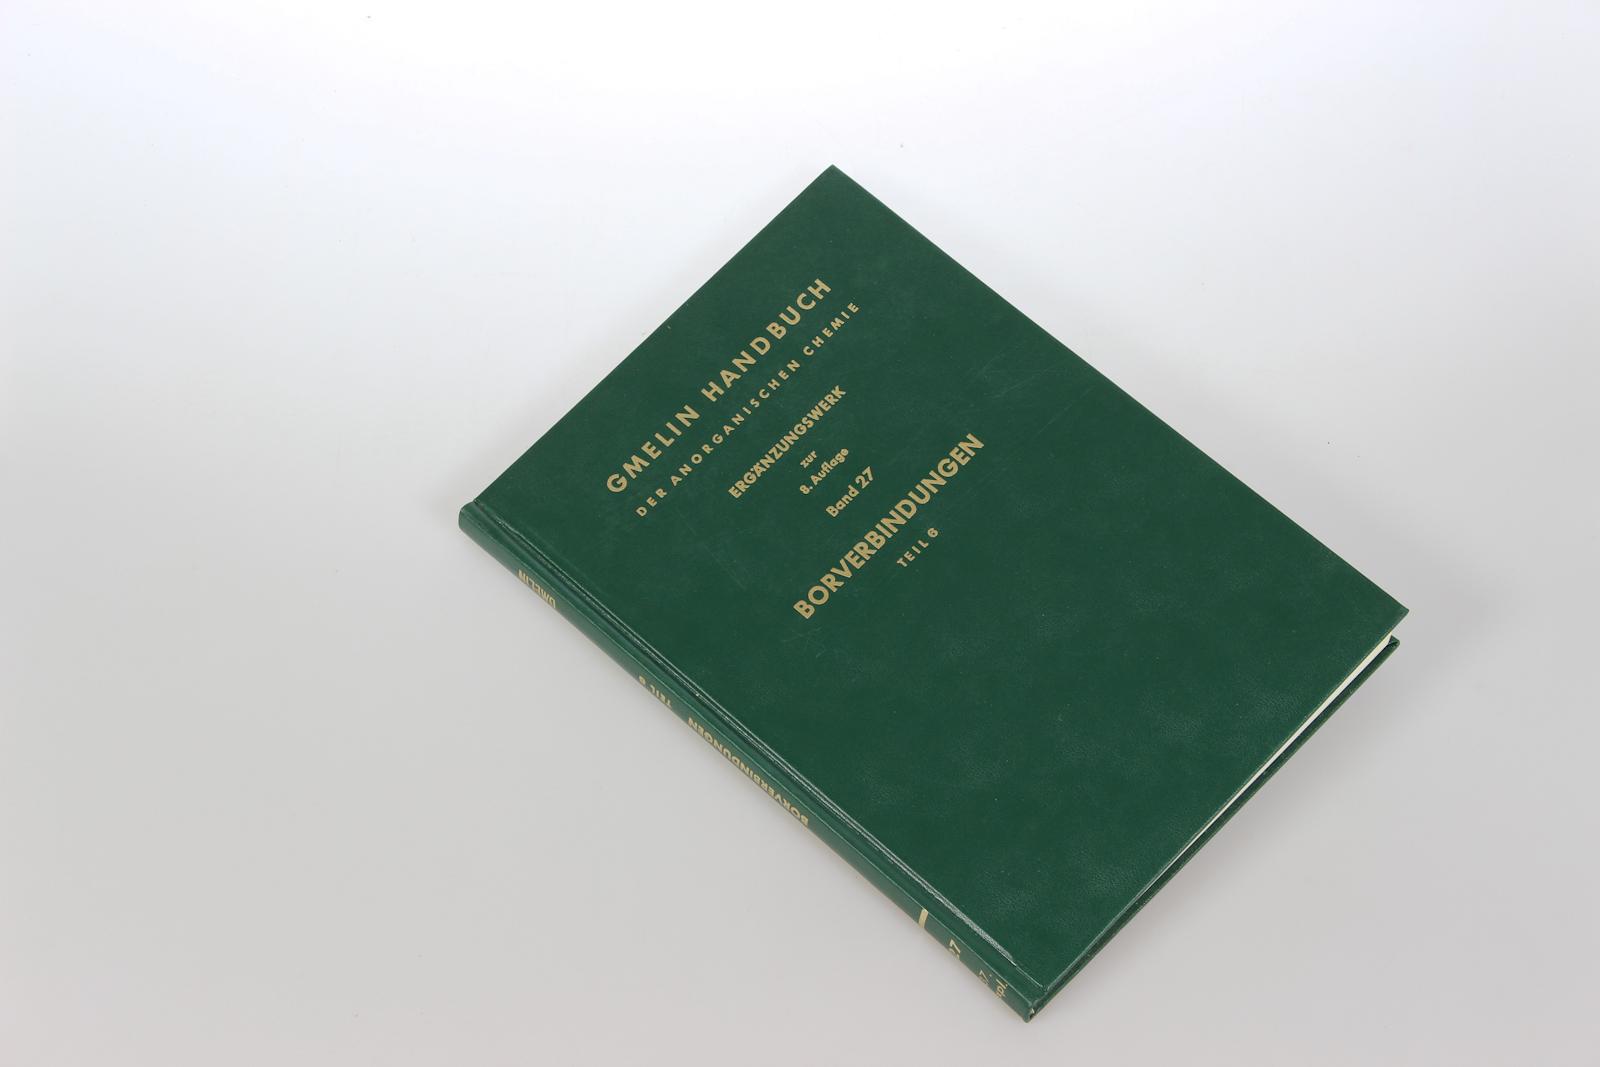 Gmelins Handbuch der Anorganischen Chemie. Ergänzungswerk zur 8. Auflage. Bd.27: Borverbindungen, Teil 6: Carborane 2.